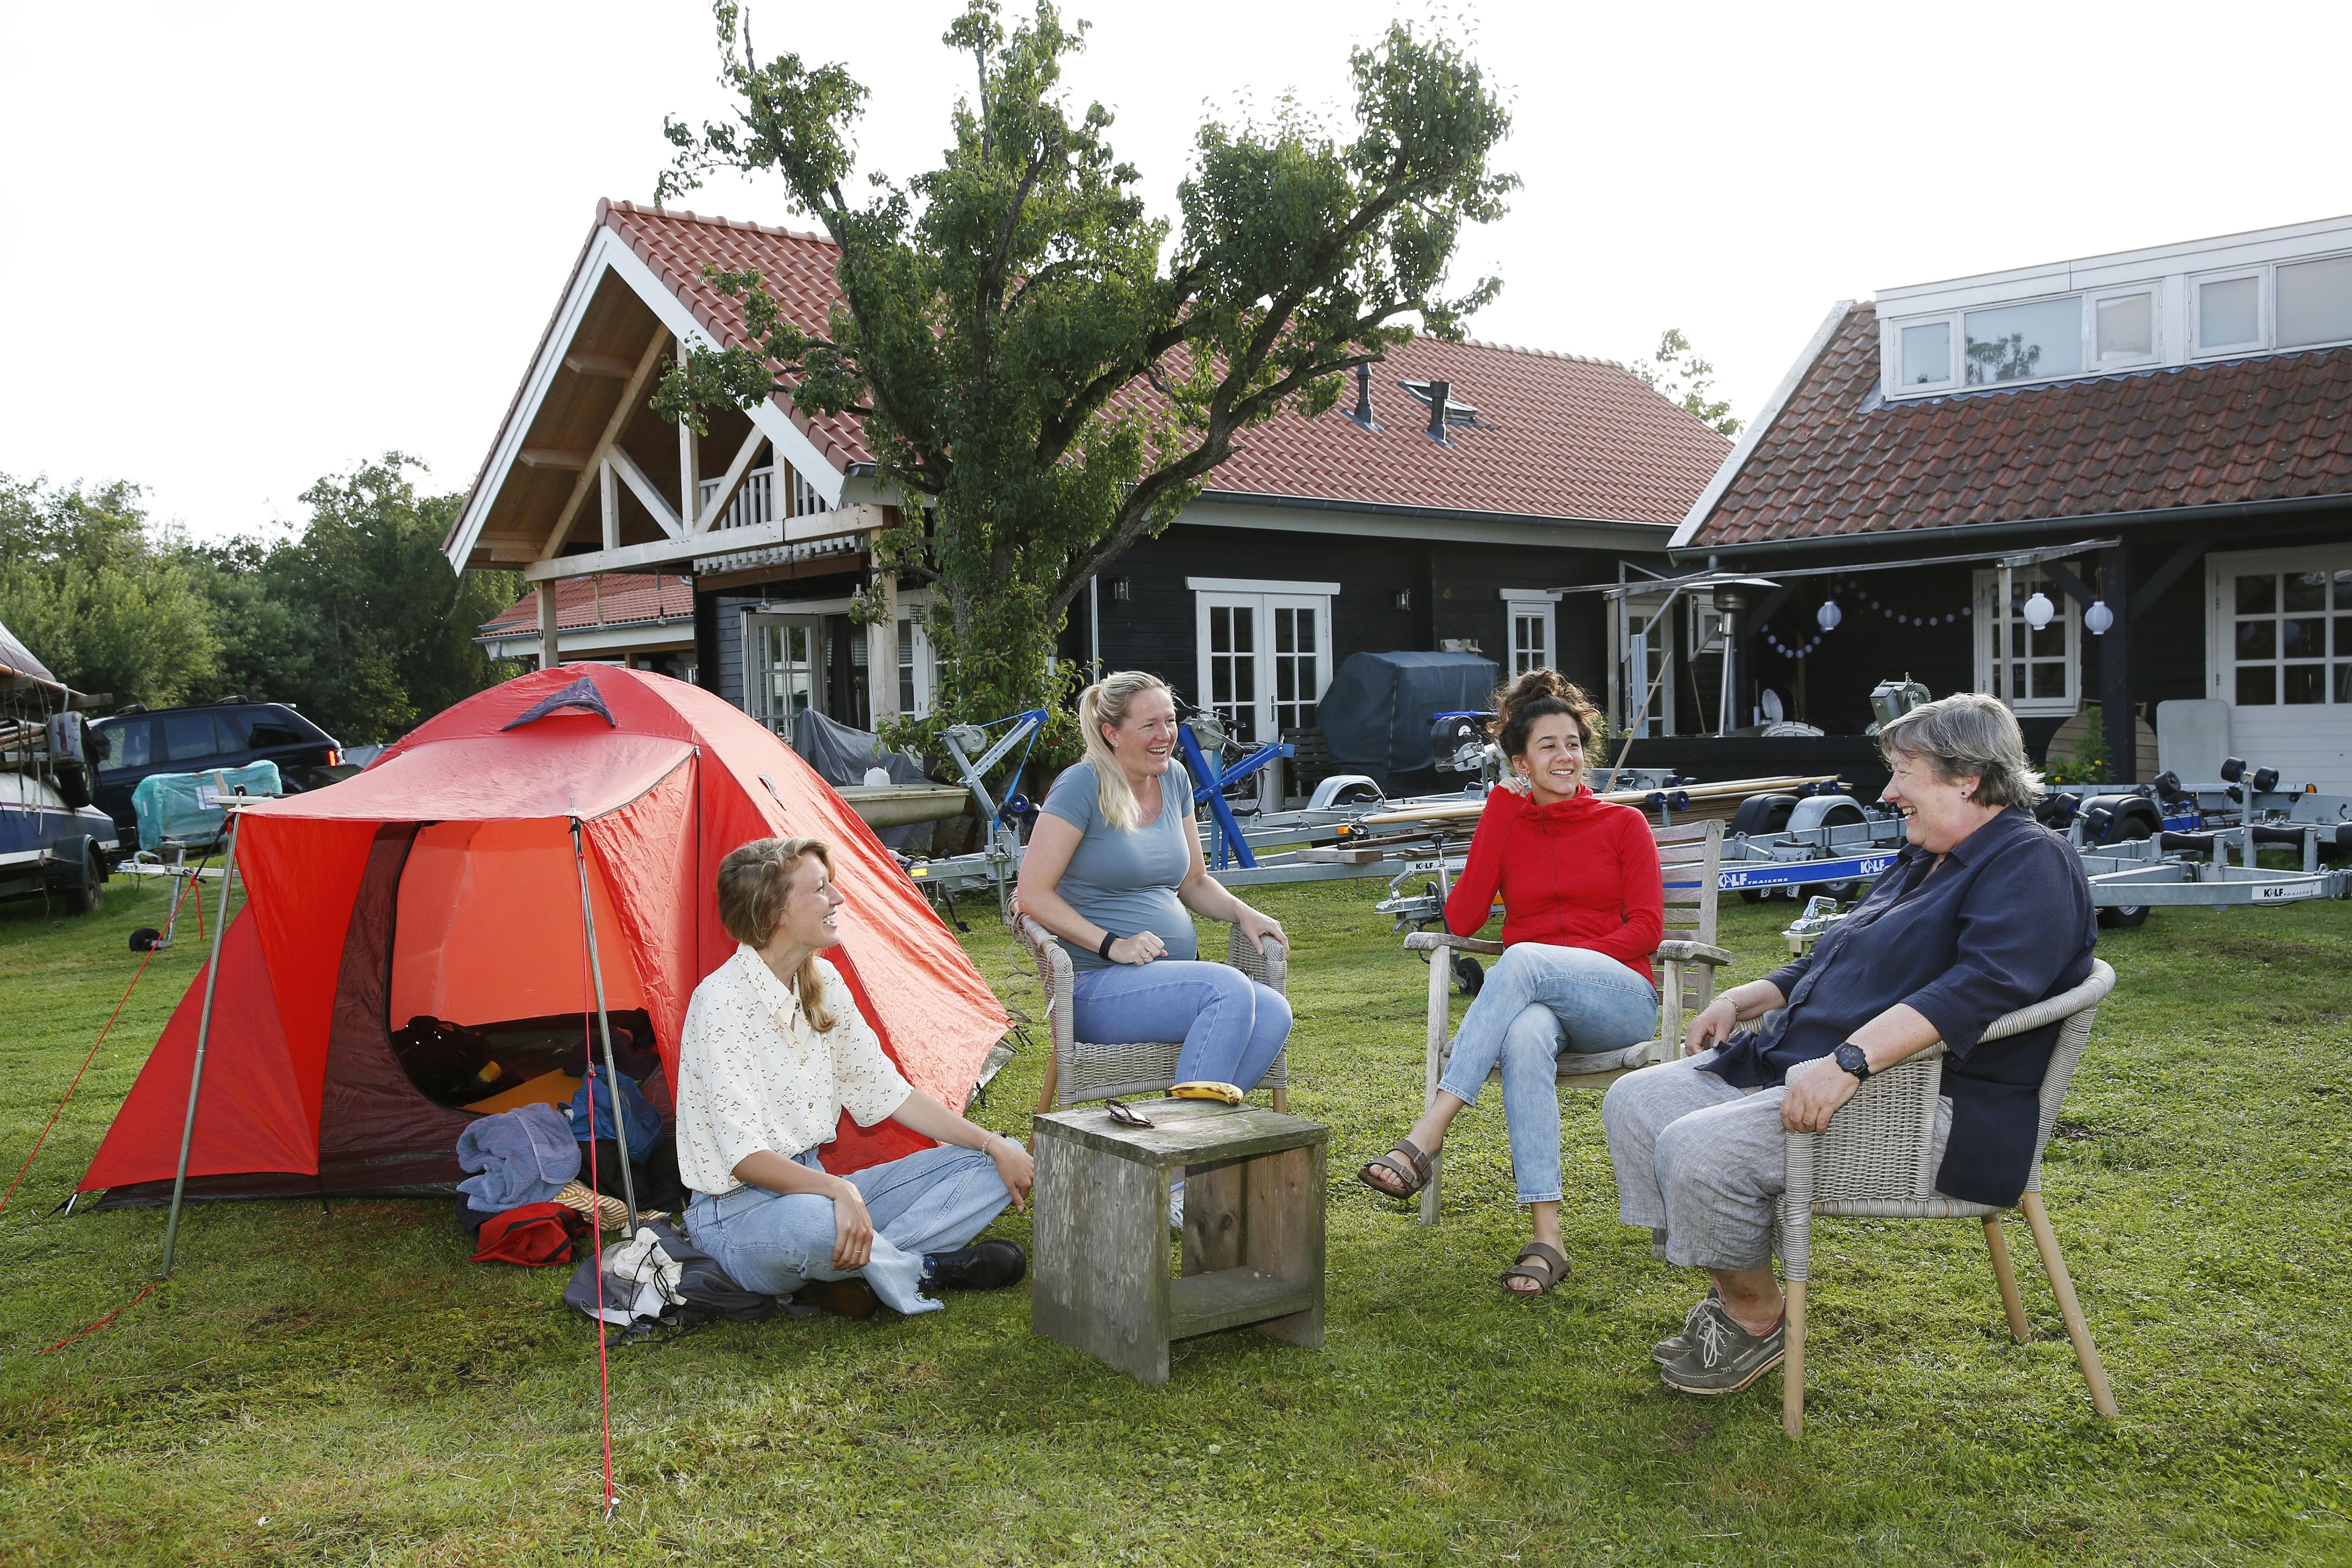 'Jachthavenhoppen' met de tent in Loosdrecht, oud-wedstrijdzeiler Jolanda Bonnema ontvangt ons; 'Jullie mogen slapen tussen de konijnen en kippen'